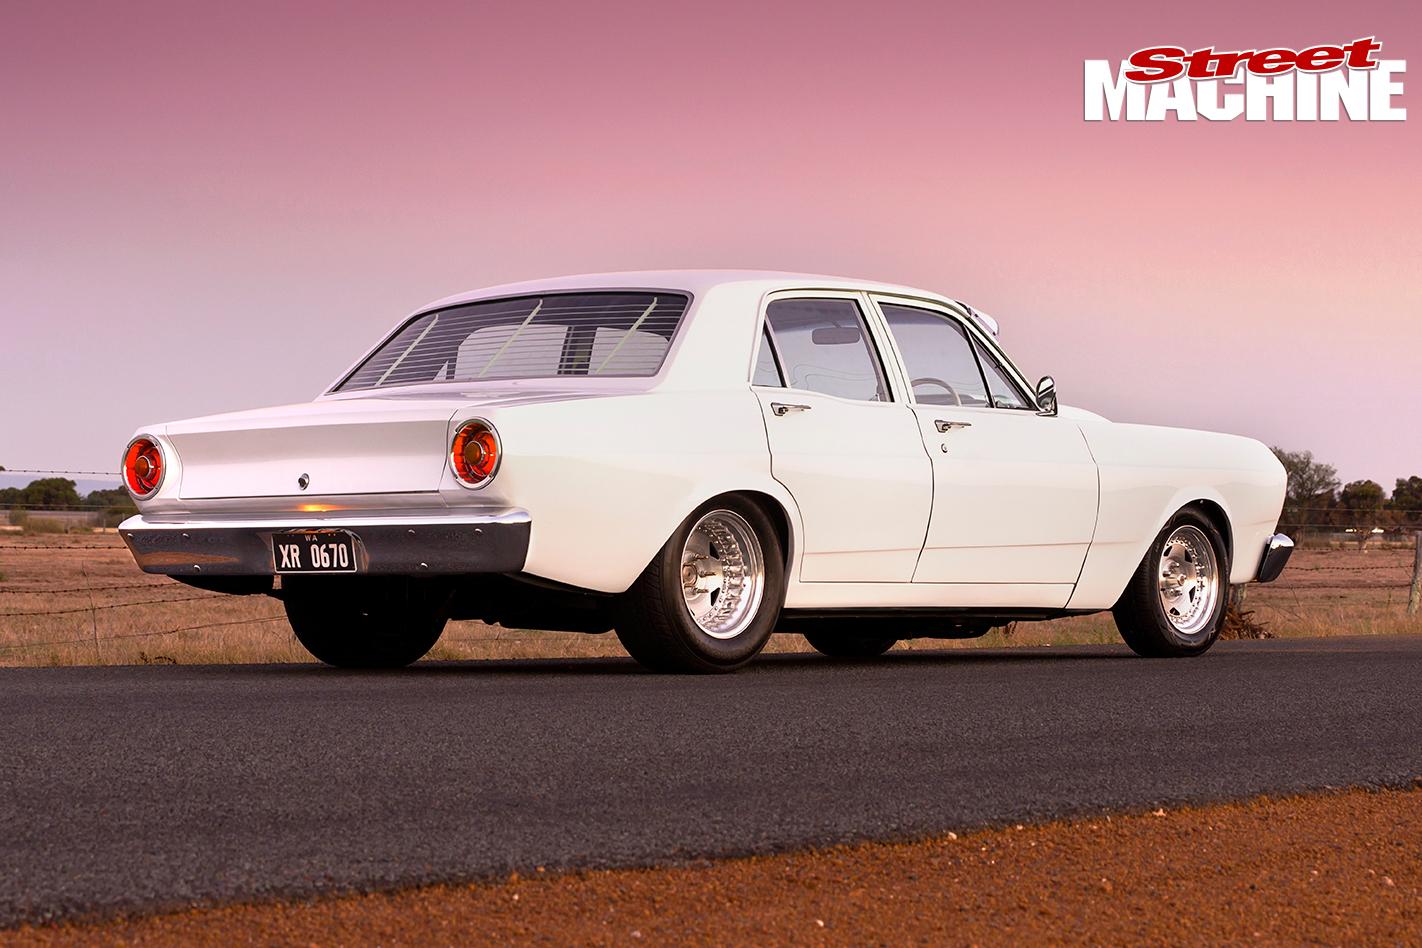 Ford -XR-Falcon -rear